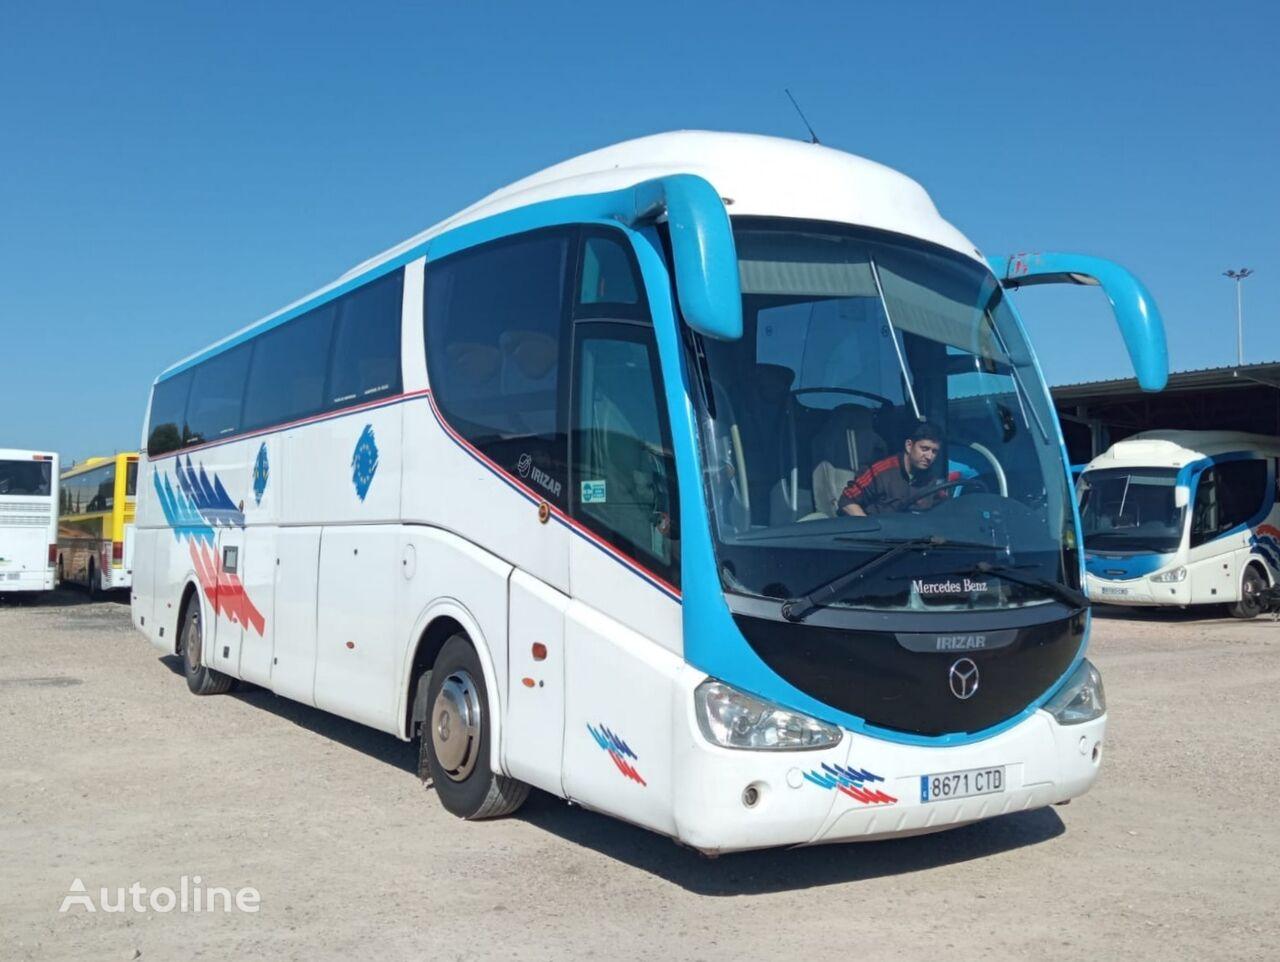 MERCEDES-BENZ OC500  - IRIZAR PB ALTO + LITERA + 420 CV +WC coach bus